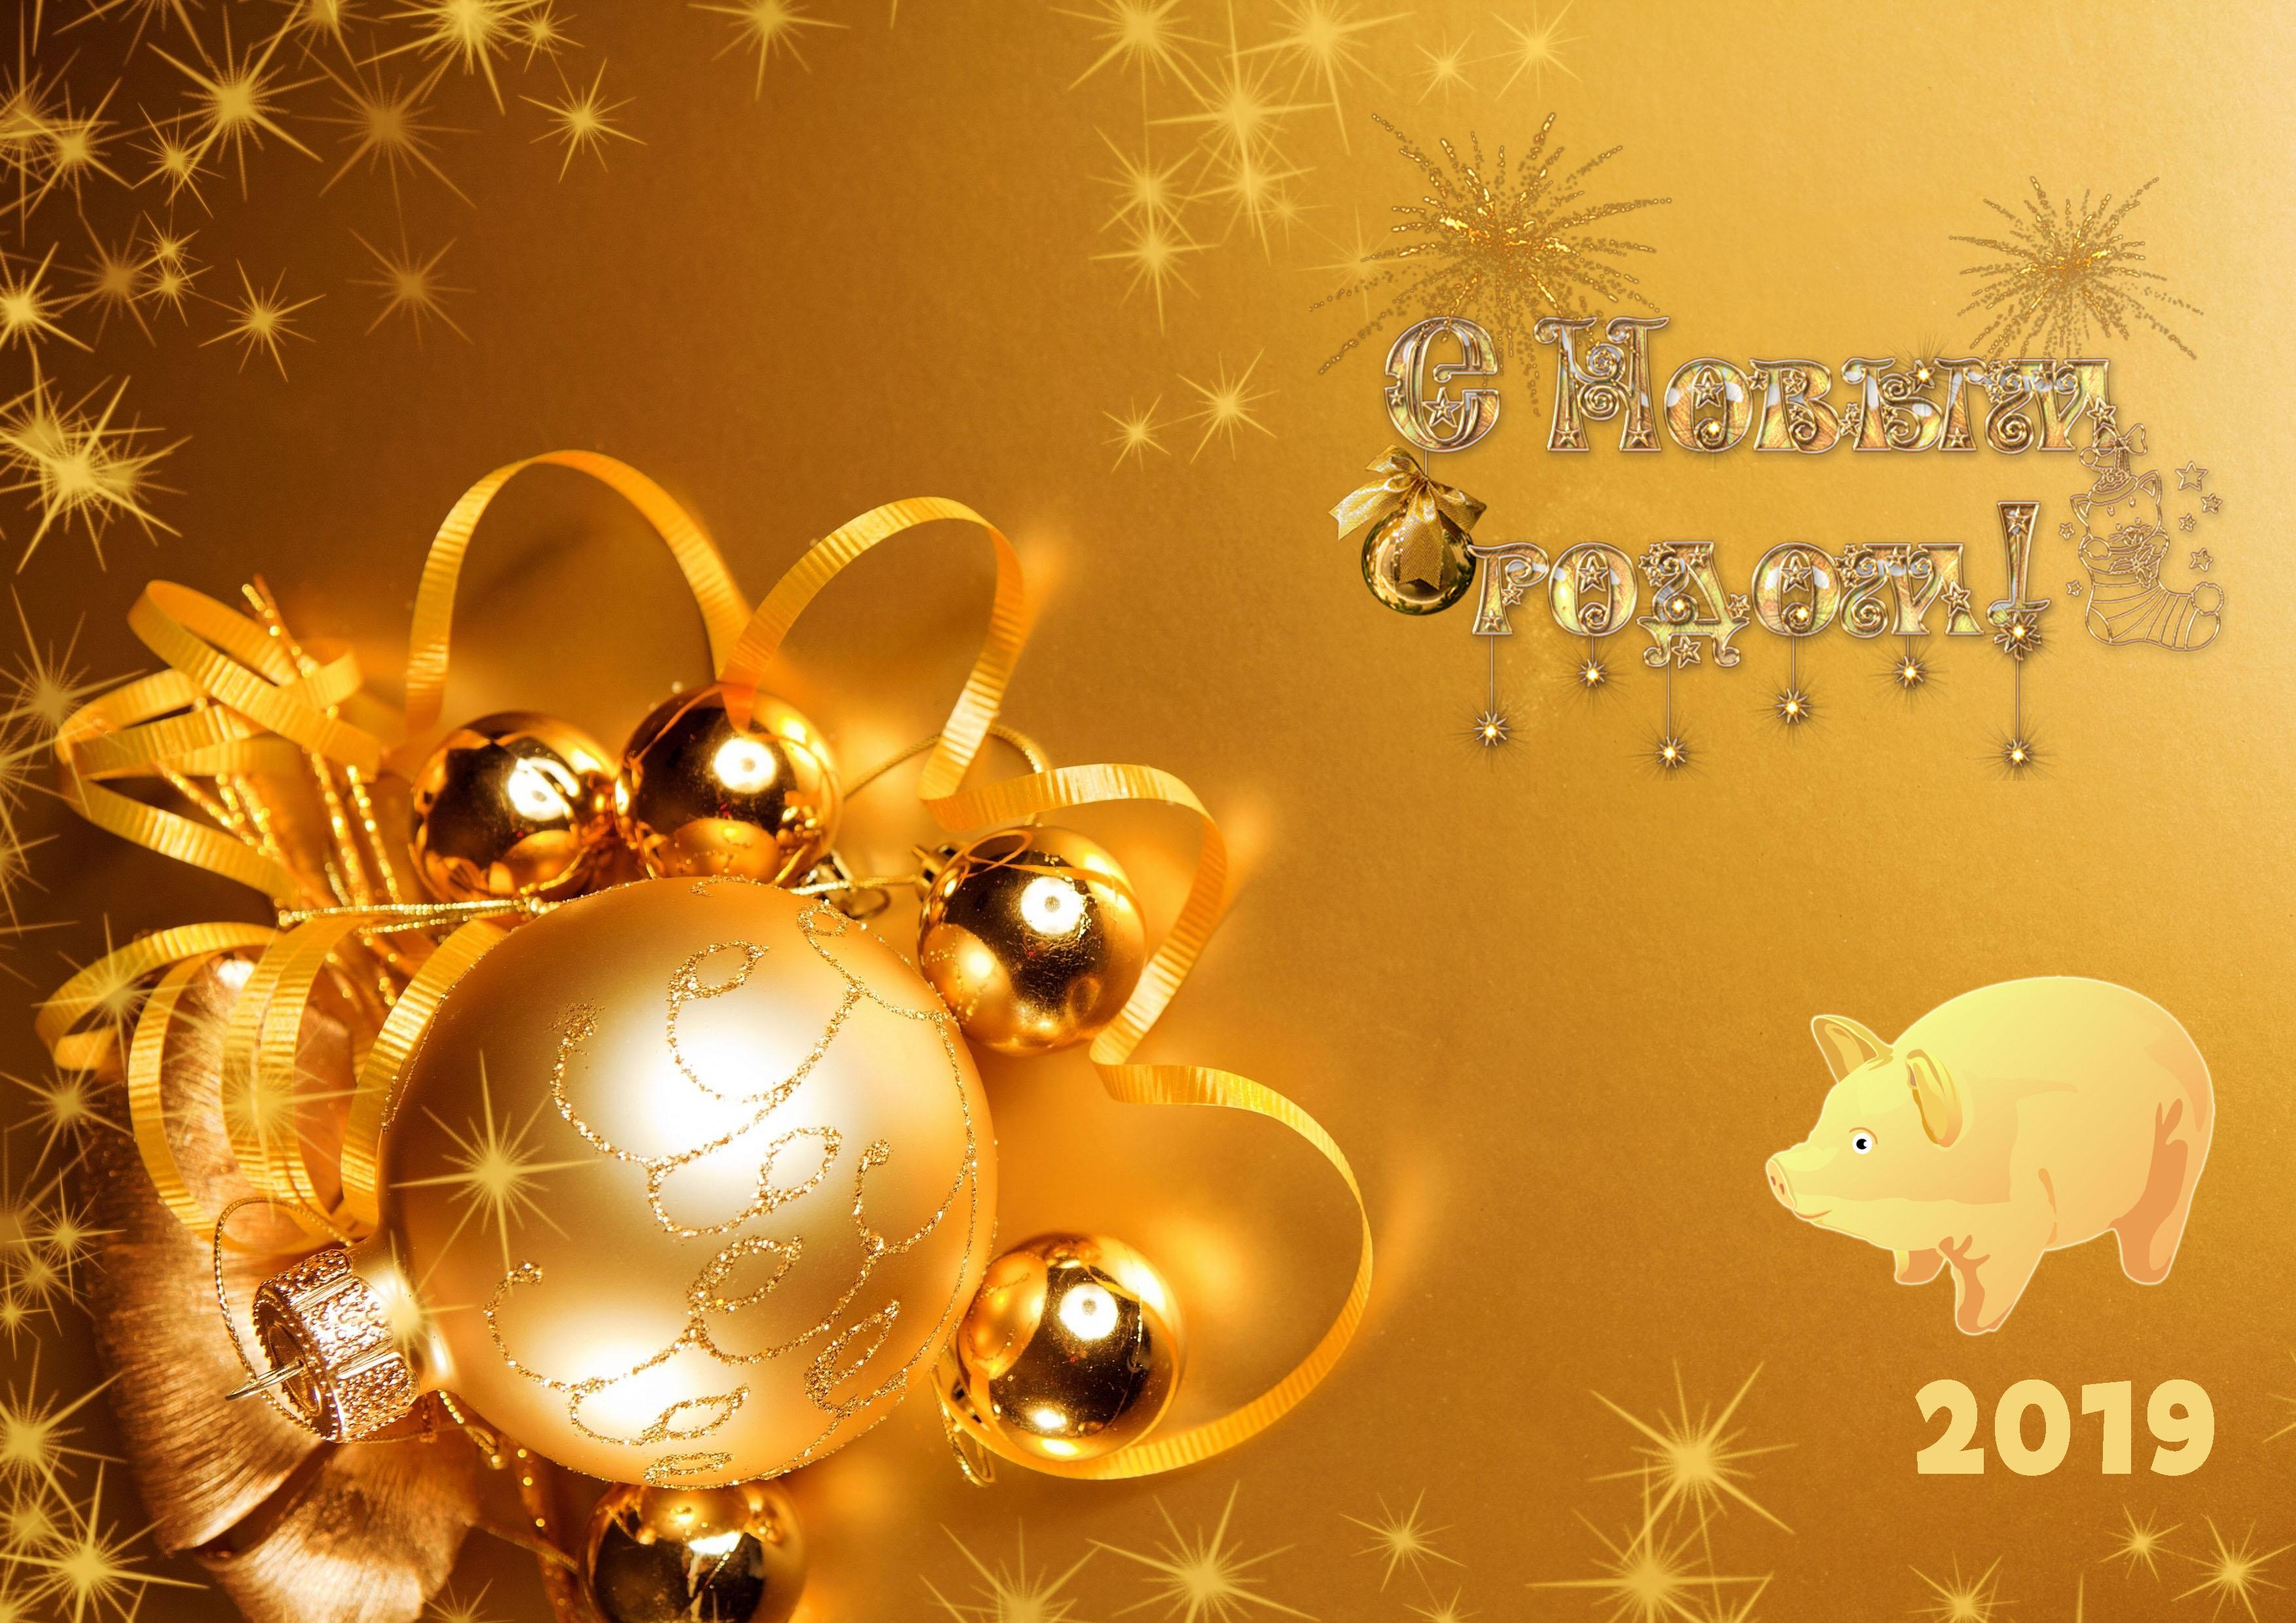 Короткие поздравления с Новым годом 2019 Свиньи. Смешные и короткие рекомендации